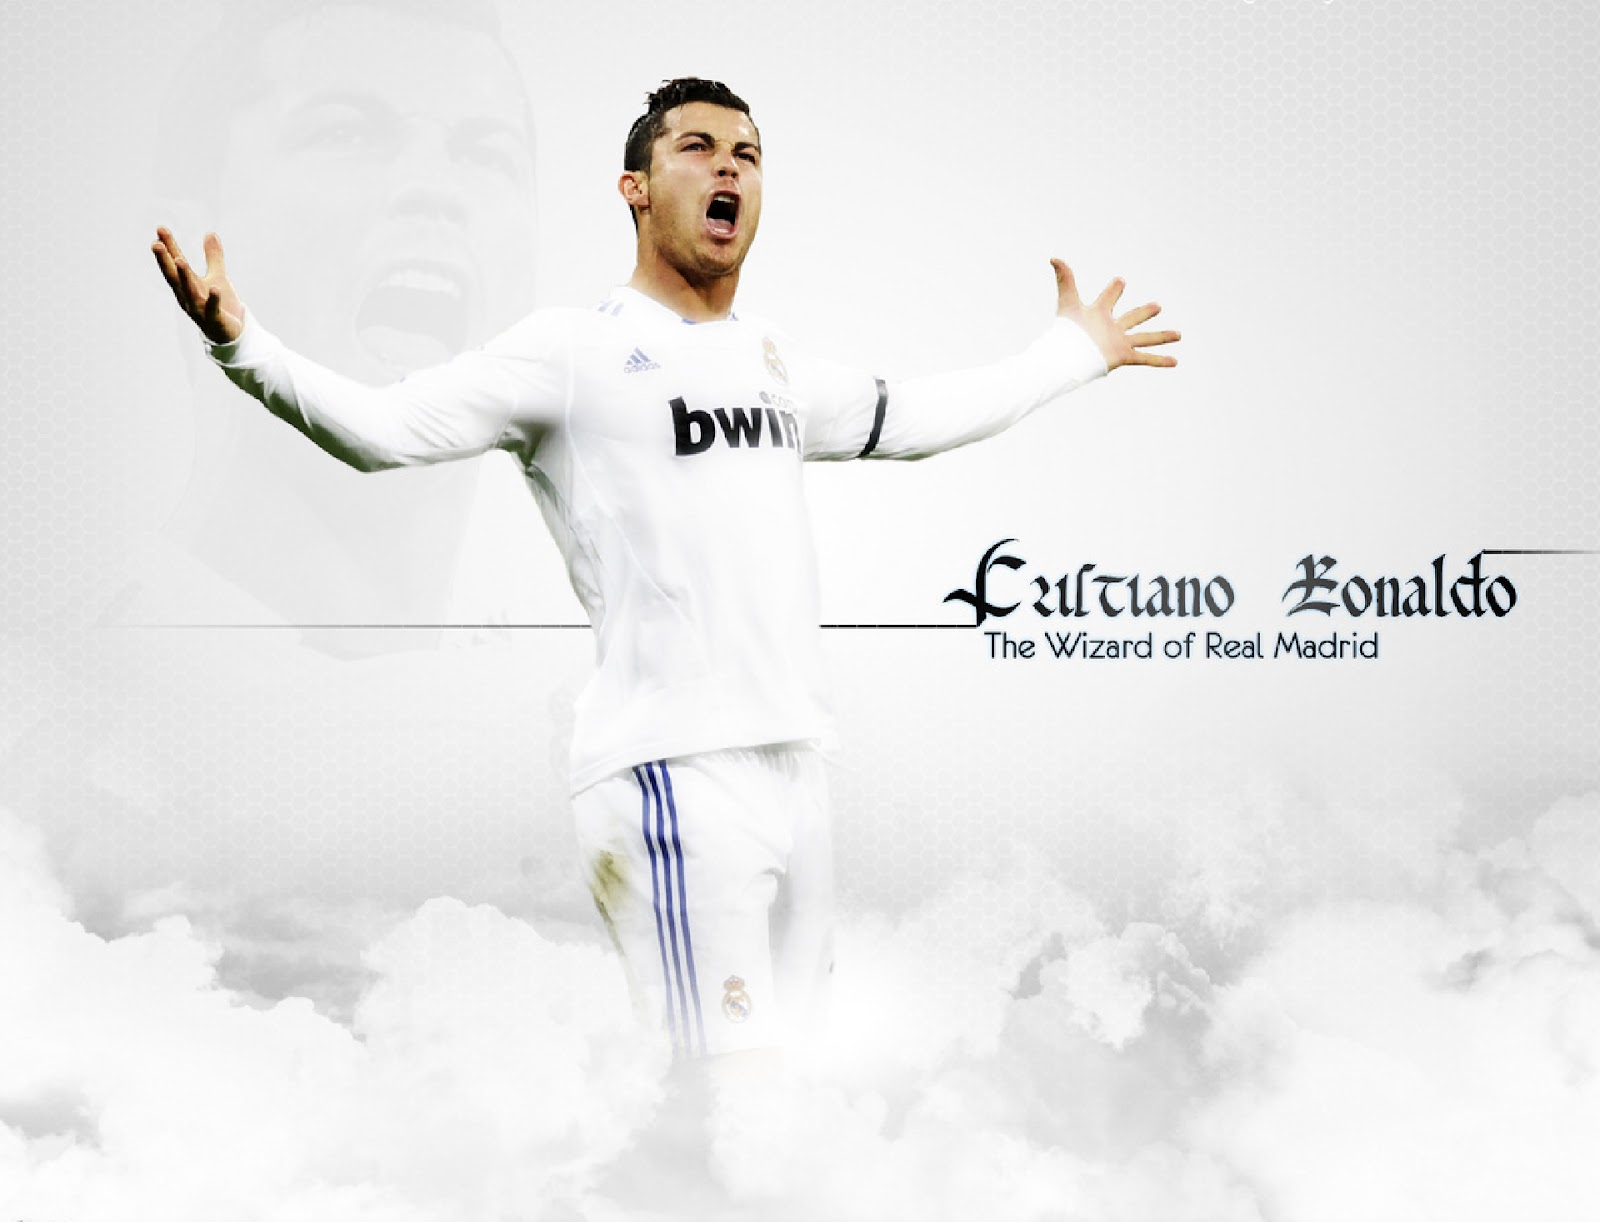 http://3.bp.blogspot.com/--AMBRlZXUS0/T5hfWaIqs3I/AAAAAAAAQEo/IKohAu17hgg/s1600/Wallpaper_CR7_Cristiano_Ronaldo_real_madrid+(5).jpg